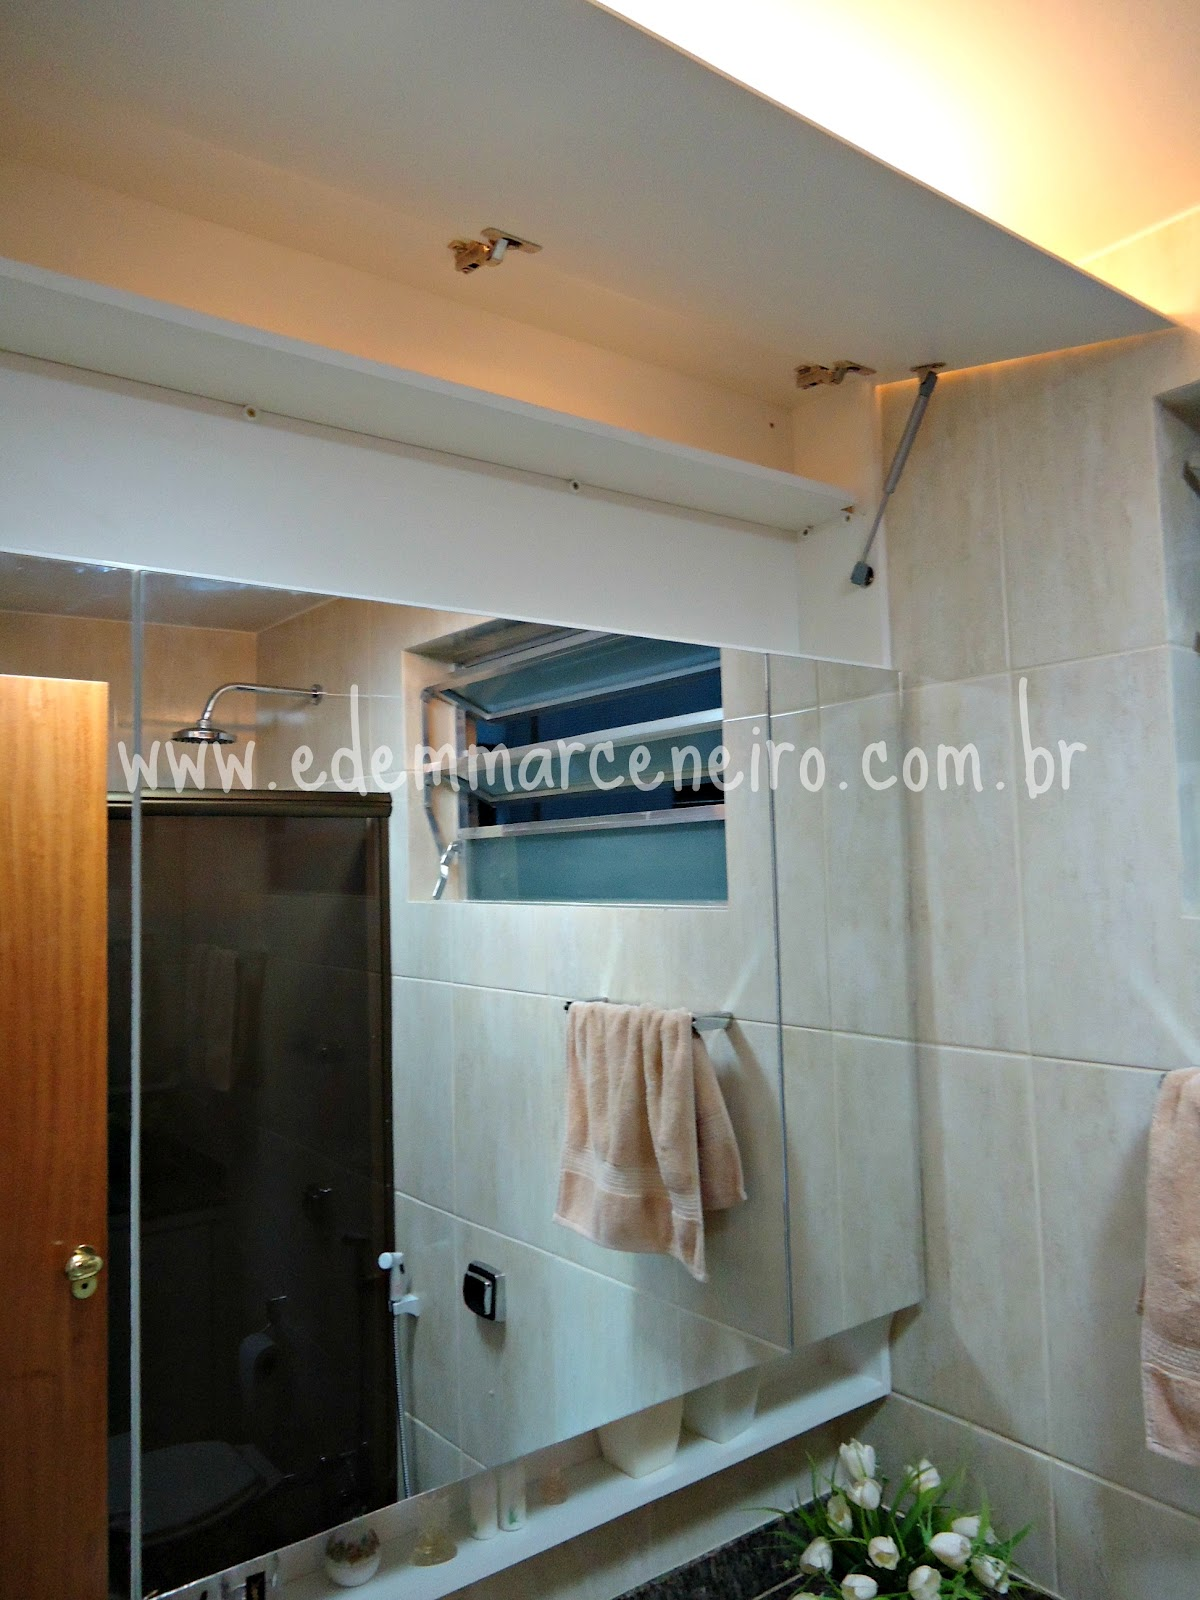 Armário Suspenso com Espelho e Porta laqueada para Banheiro  Edem Marceneiro -> Armario De Banheiro Feito Por Marceneiro